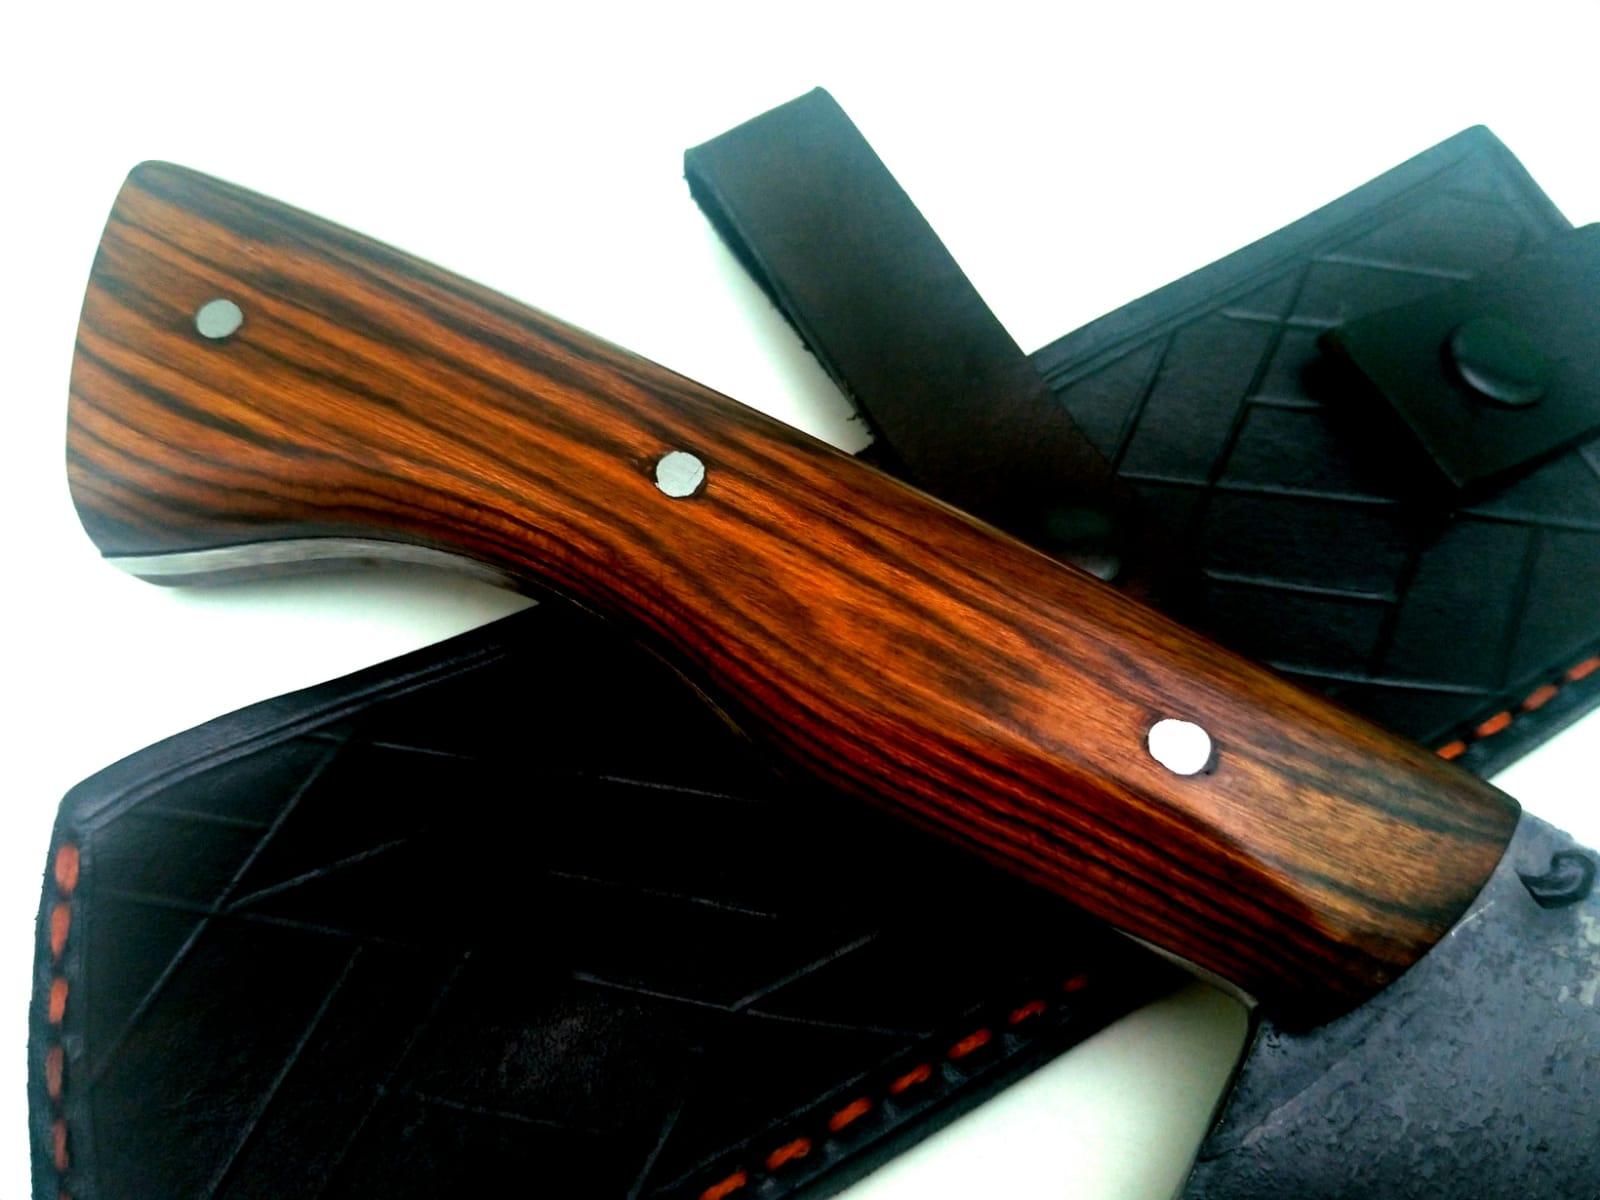 Cutelo artesanal galo veio modelo grachev full tang